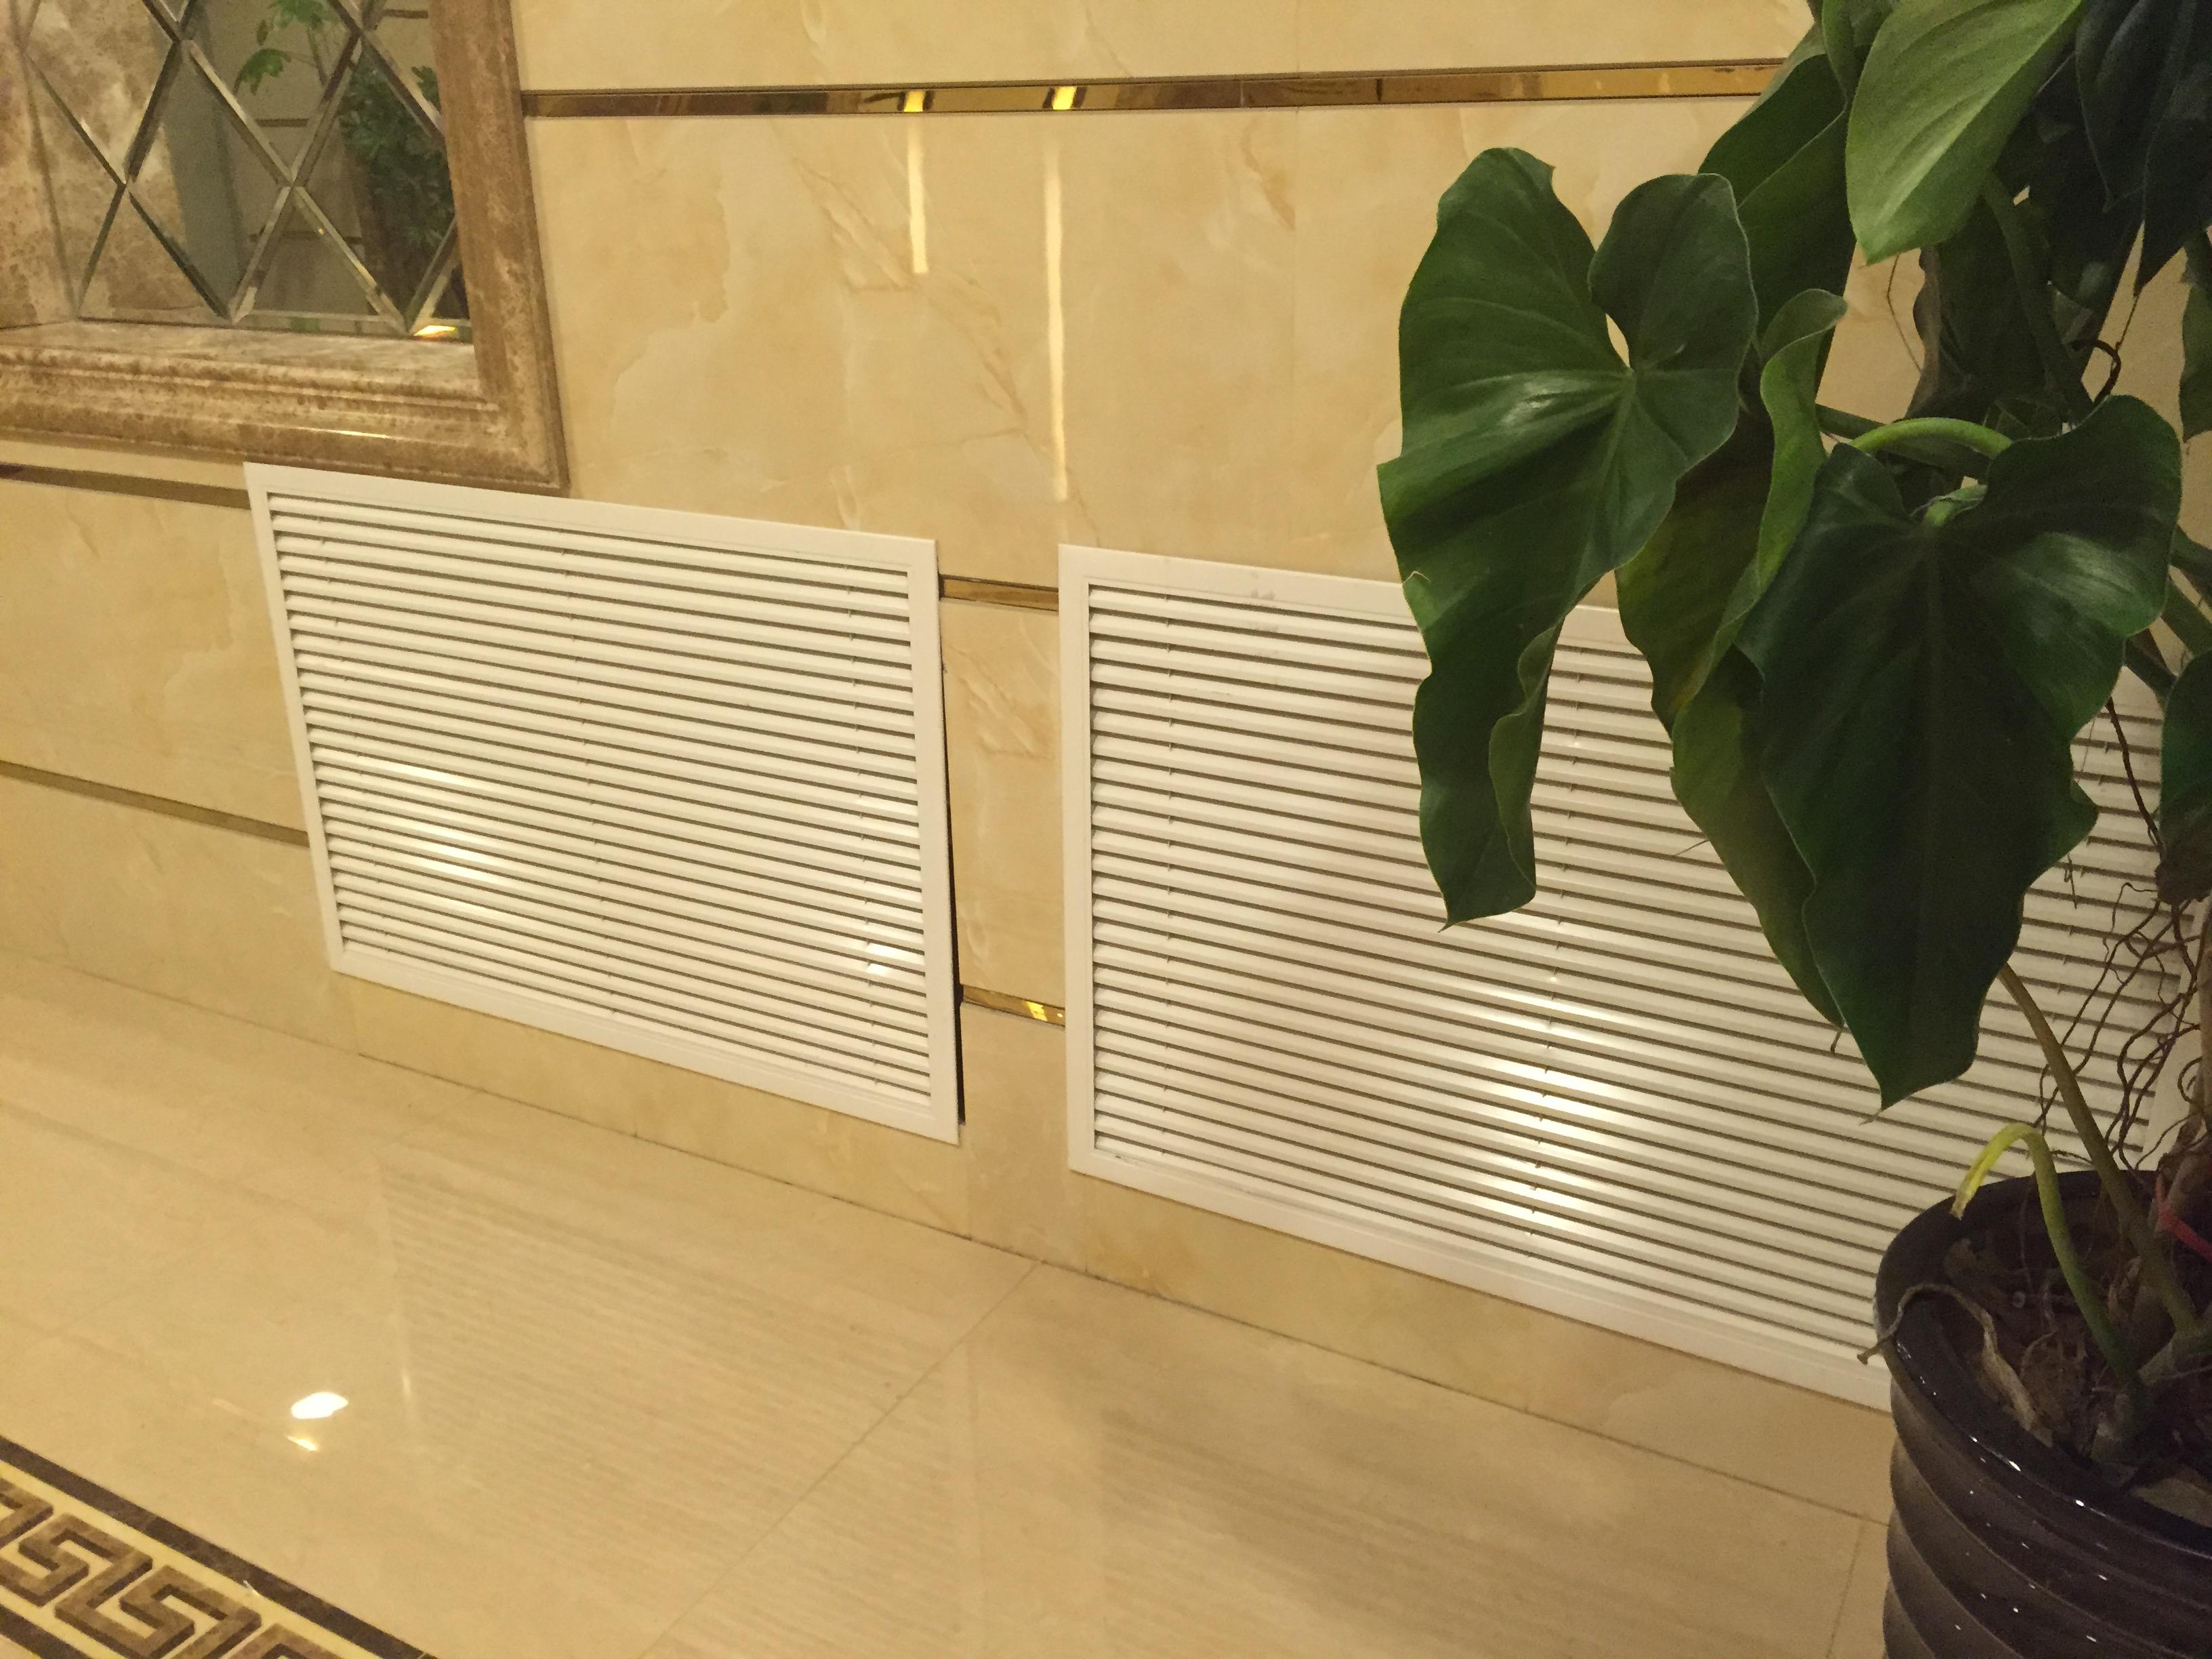 暖氣片裝飾罩家用暖氣罩鋁合金百葉窗出迴風口 加厚地暖分水器罩